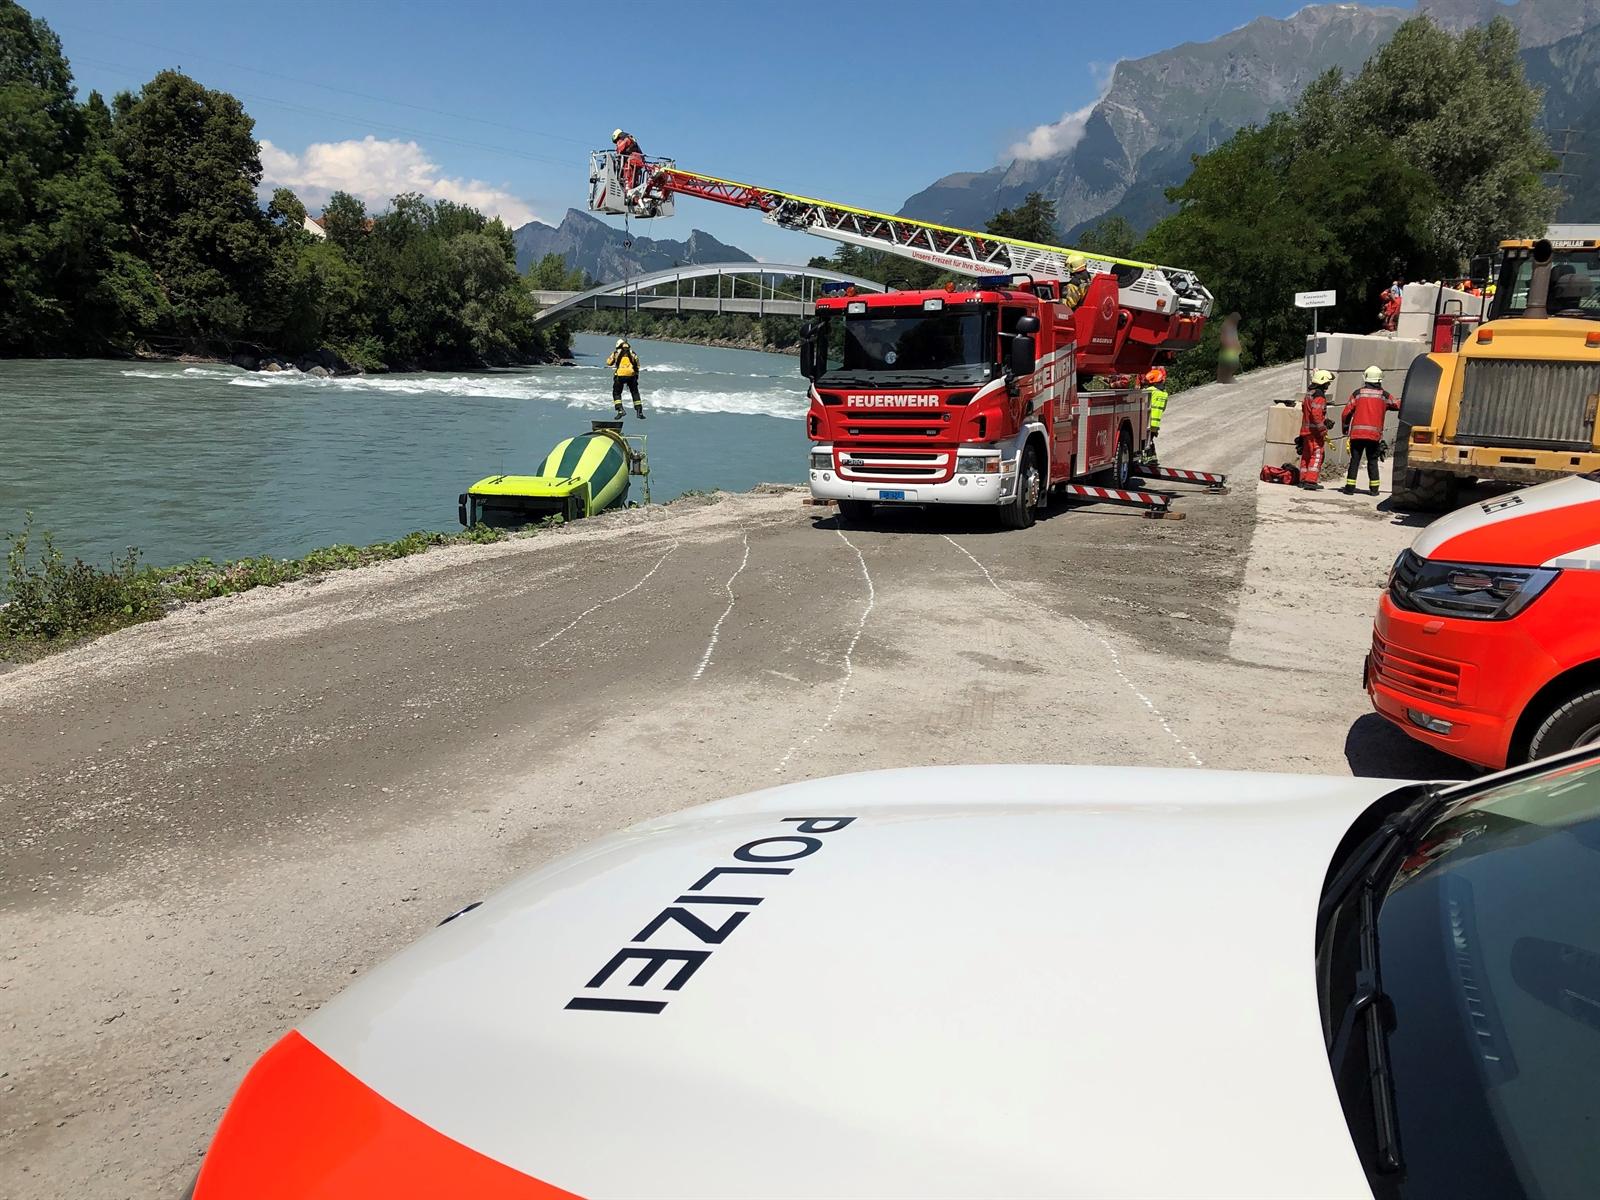 Feuerwehr sichert das Fahrzeug